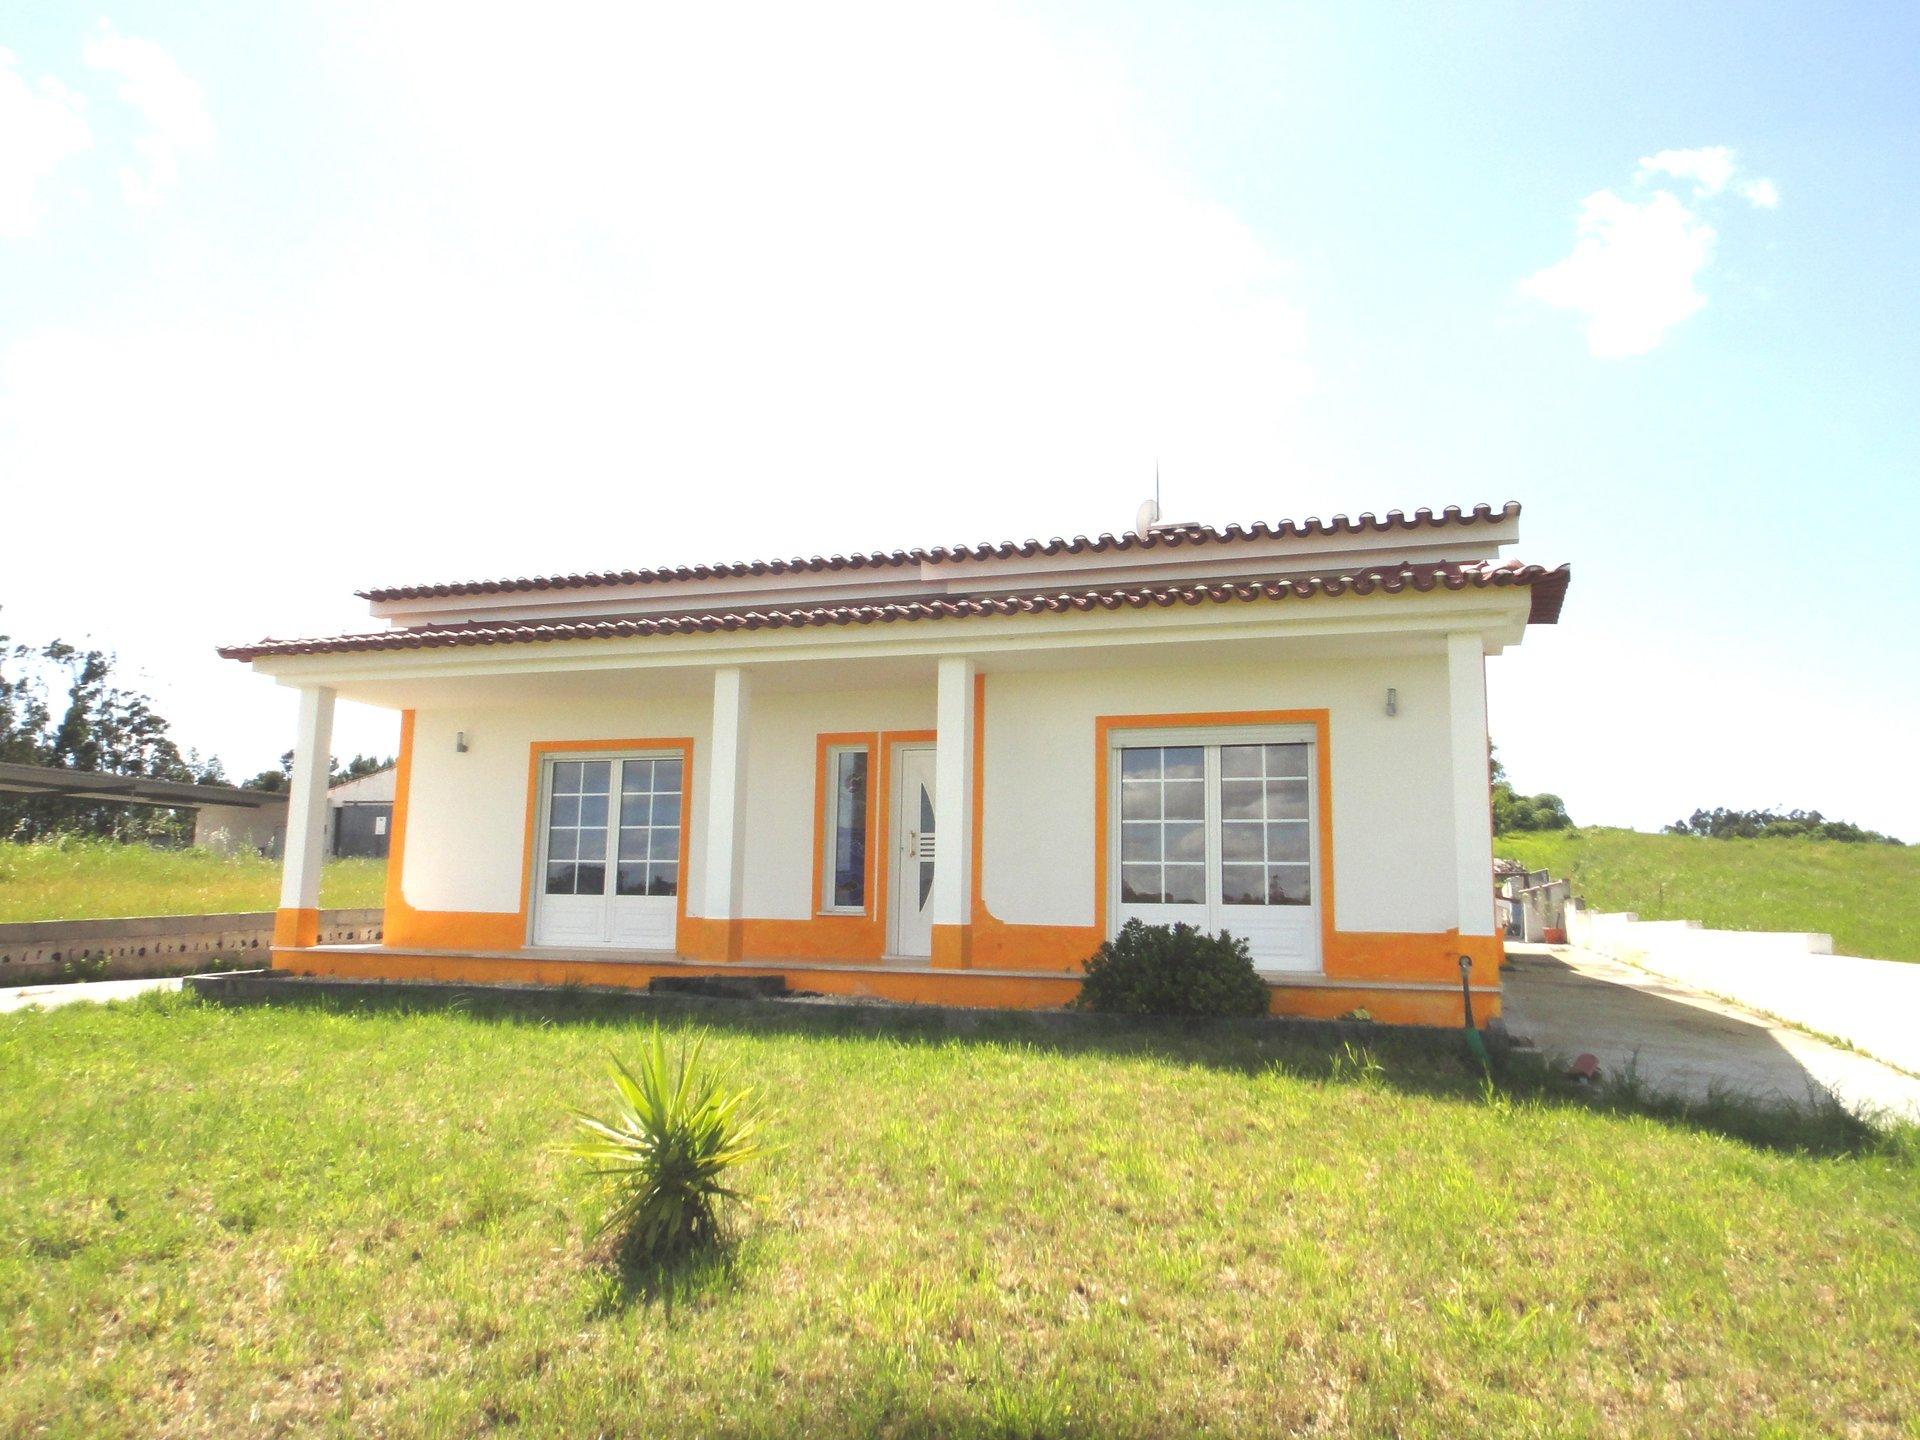 3 Bedroom Villa Caldas da Rainha, Silver Coast Ref: AV2116